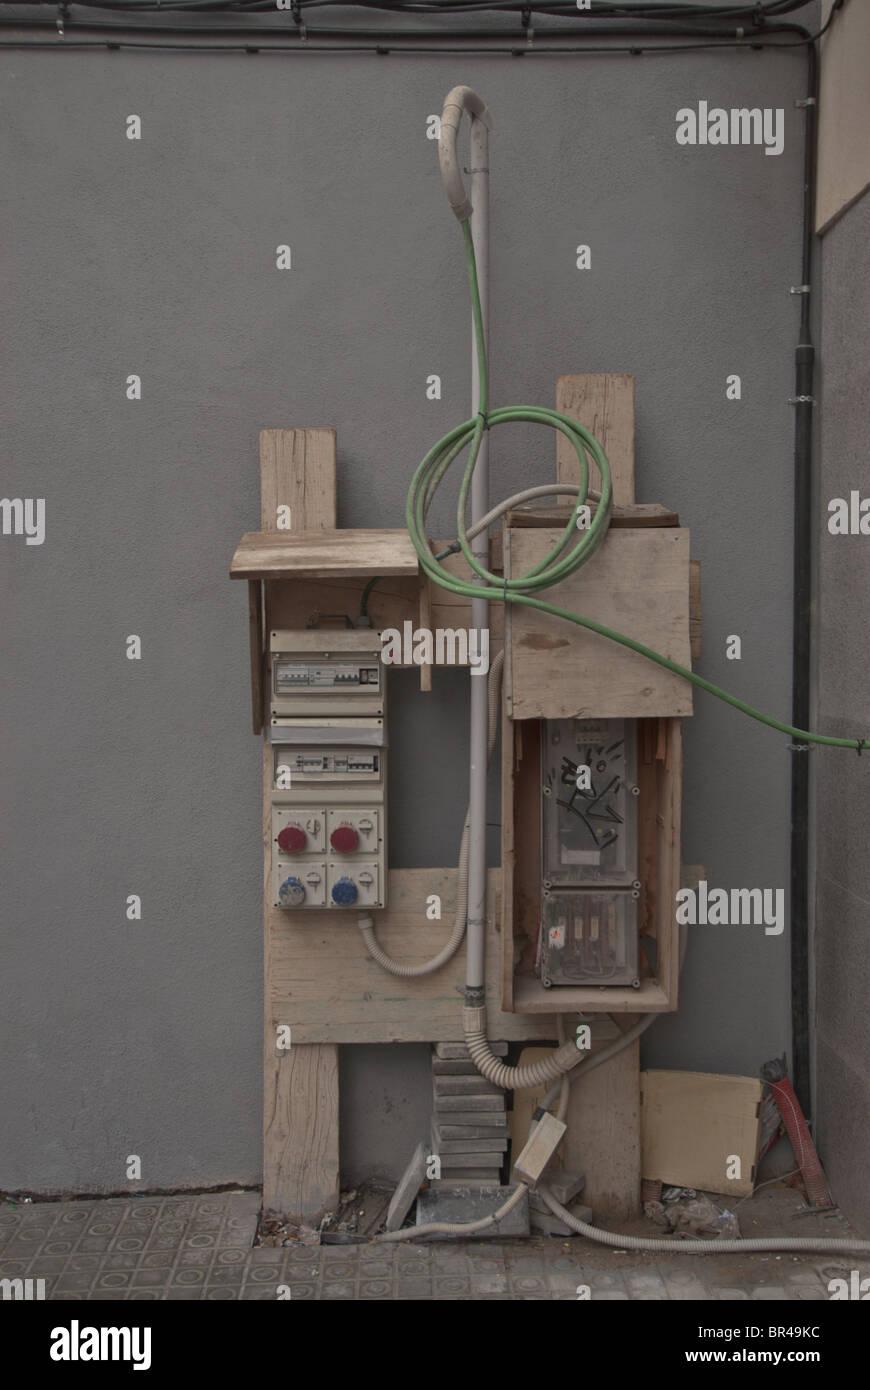 Eine temporäre Stromversorgung zu einer Baustelle Stockbild